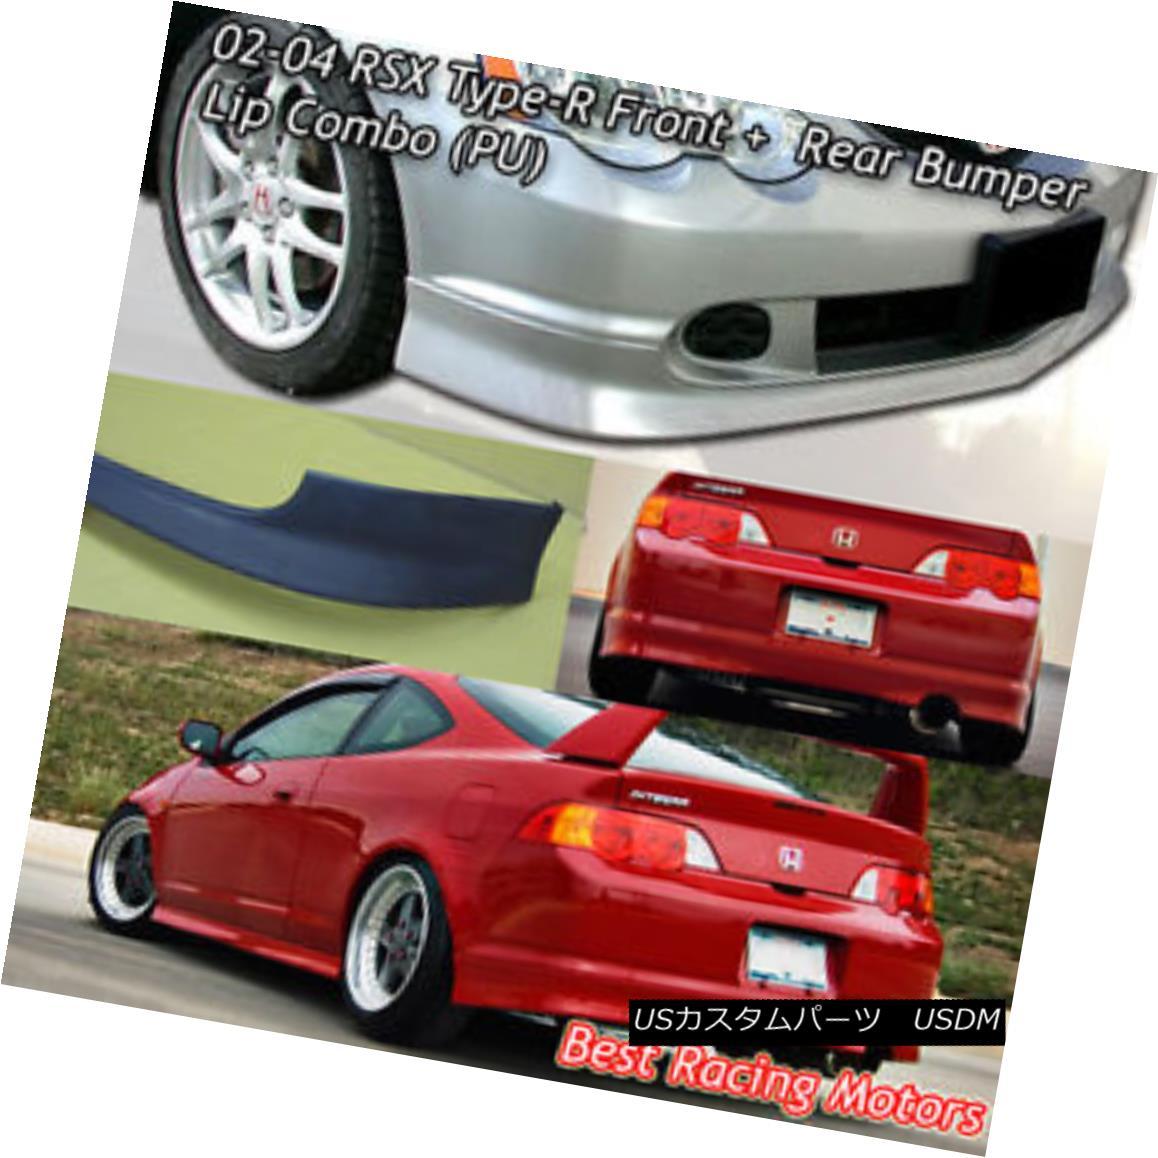 エアロパーツ TR Style Front + TR Style Rear Bumper Lip (Urethane) Fits 02-04 Acura RSX 2dr TRスタイルフロント+ TRスタイルリアバンパーリップ(ウレタン)フィット02-04アキュラRSX 2dr